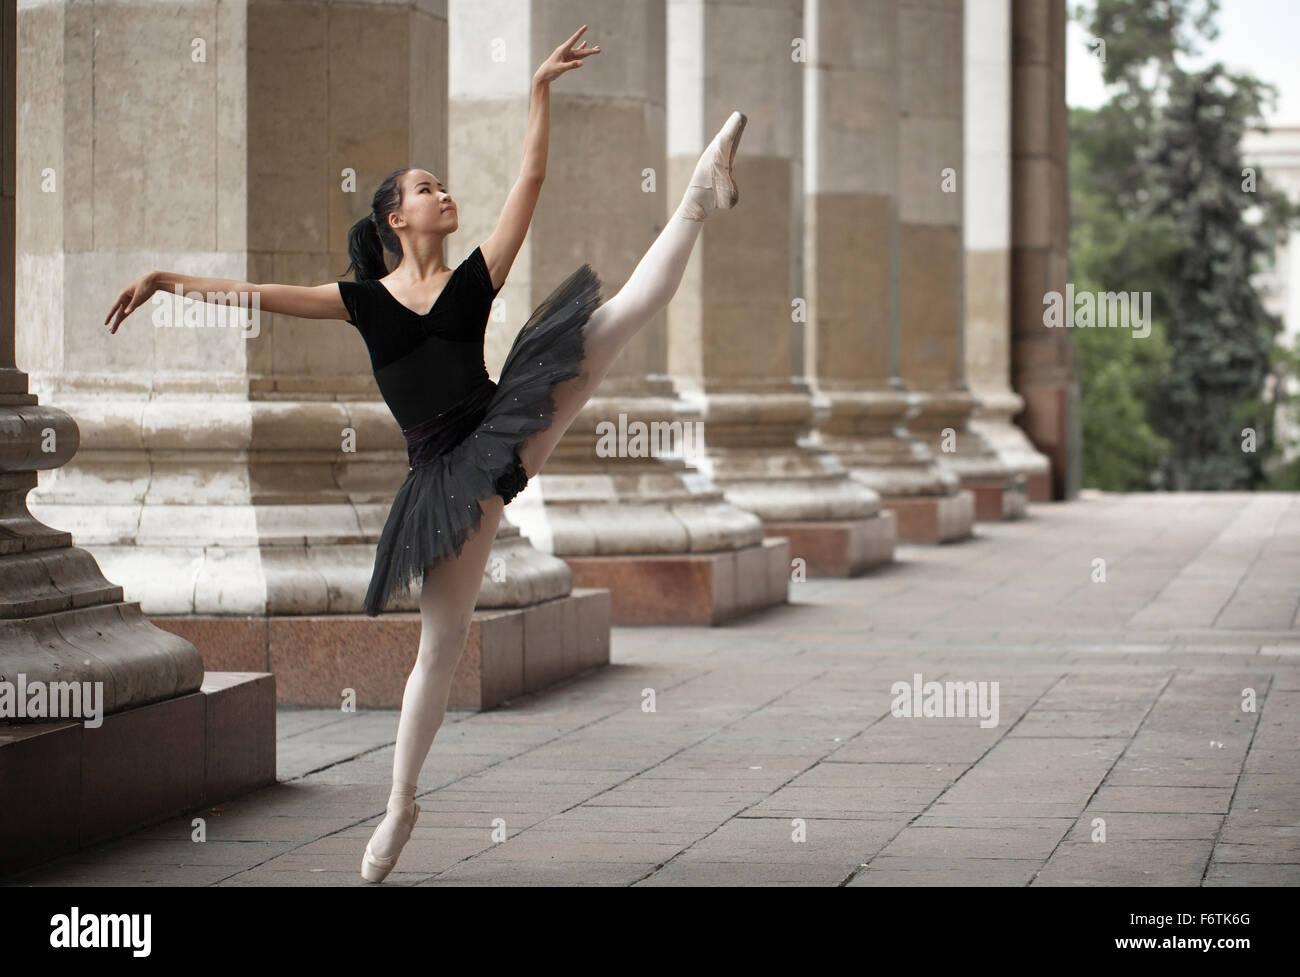 Chica bailarina flats de pie de puntillas en la calle Imagen De Stock